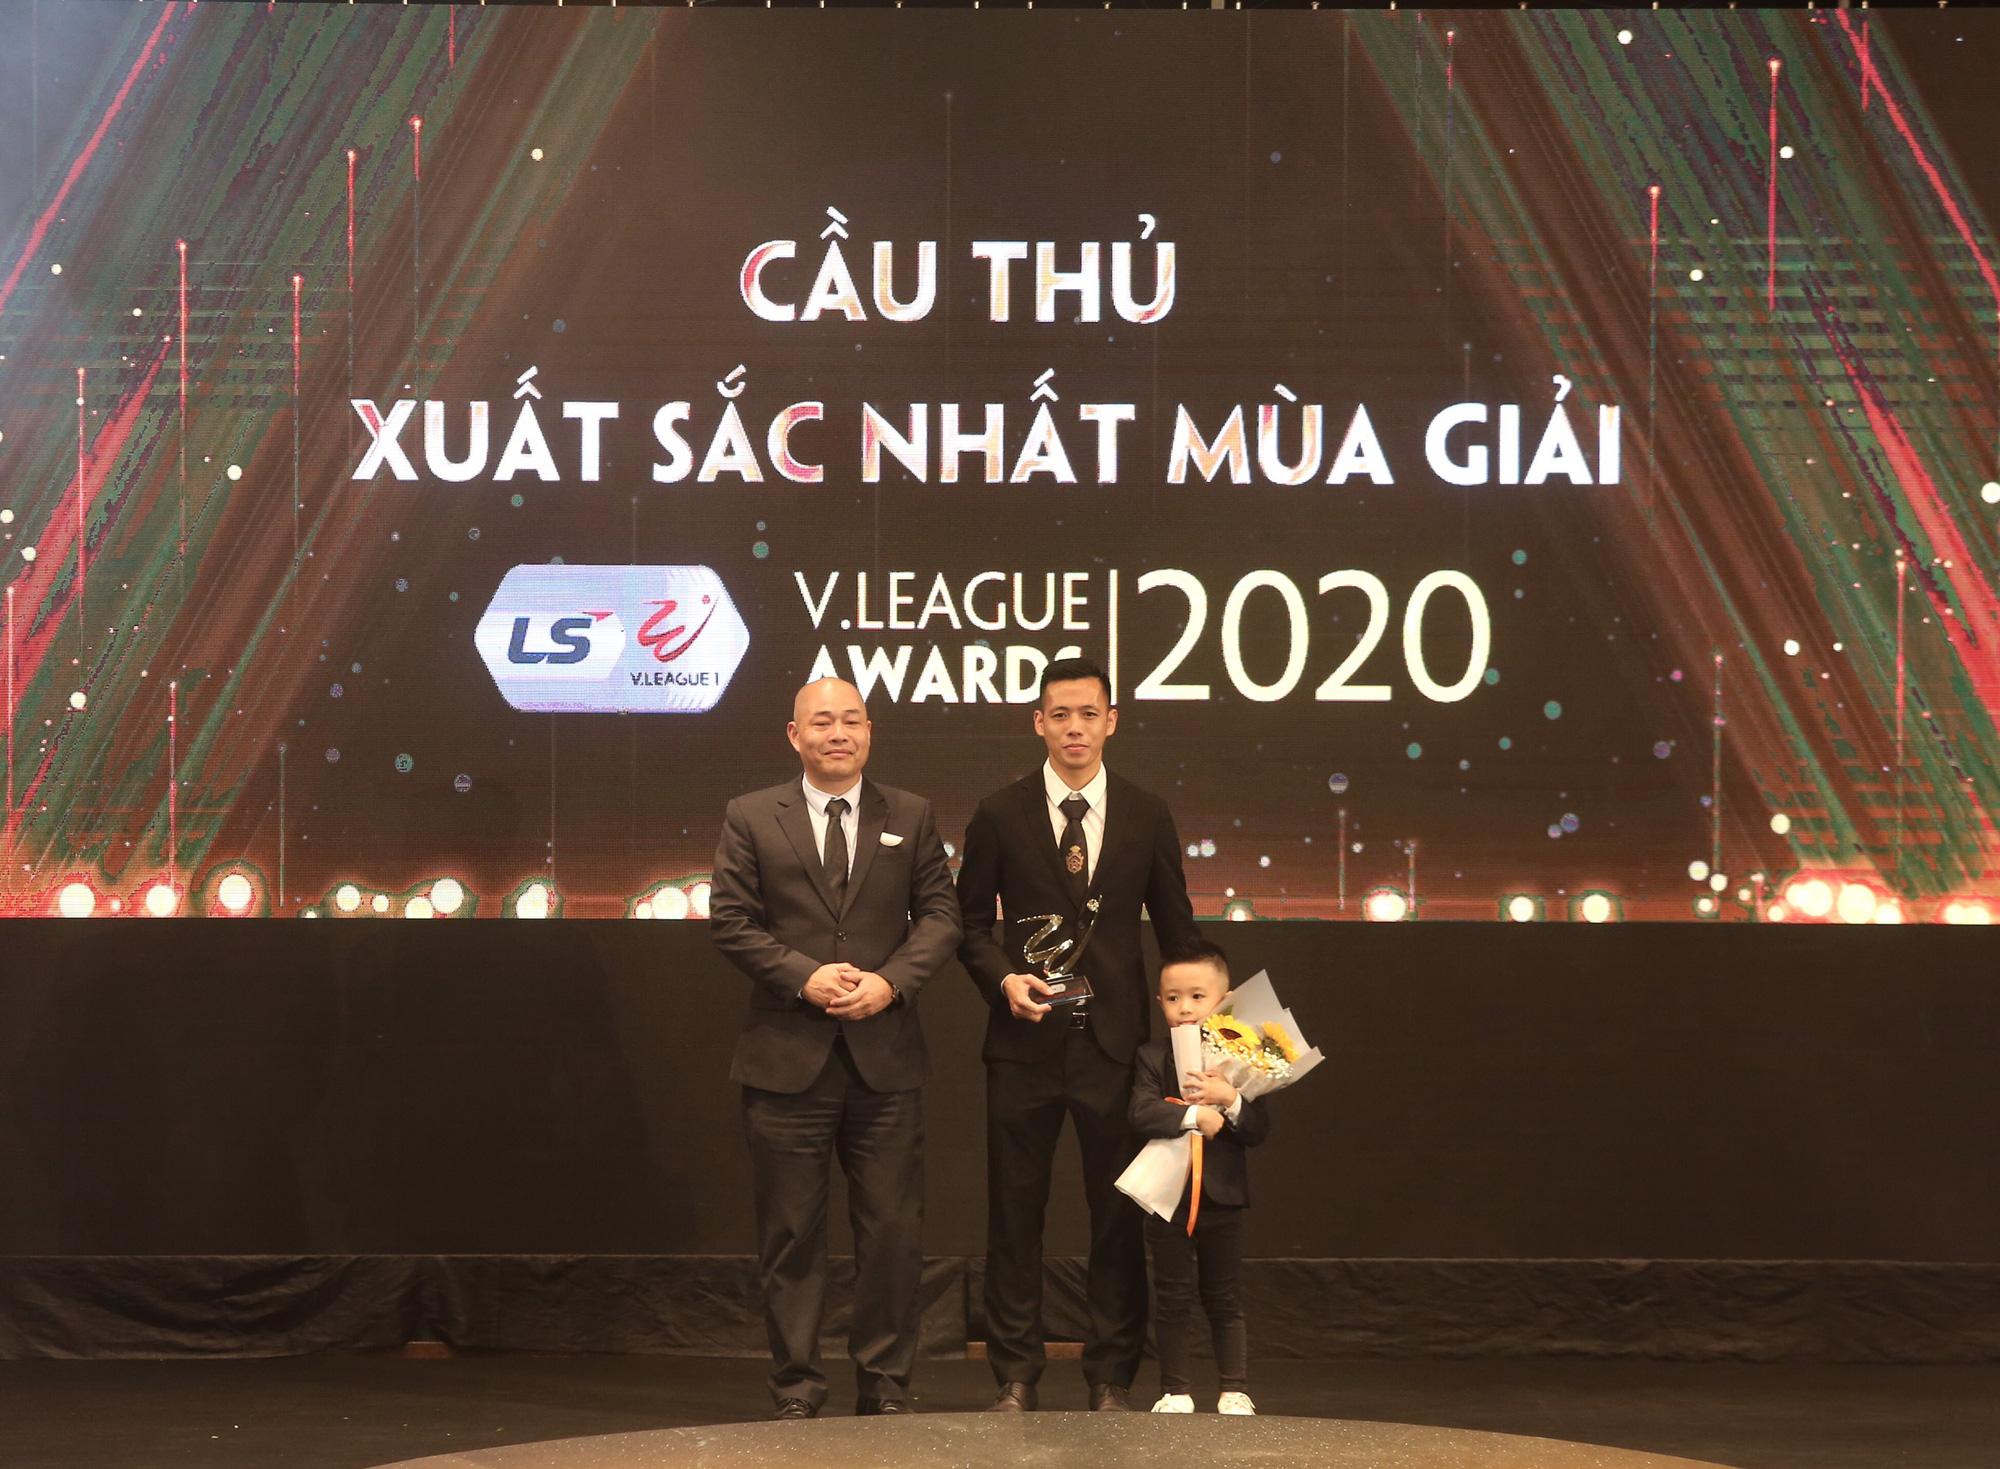 Văn Quyết cùng con trai nhận giải thưởng Cầu thủ xuất sắc nhất V.League 2020. Ảnh: Hải Đăng